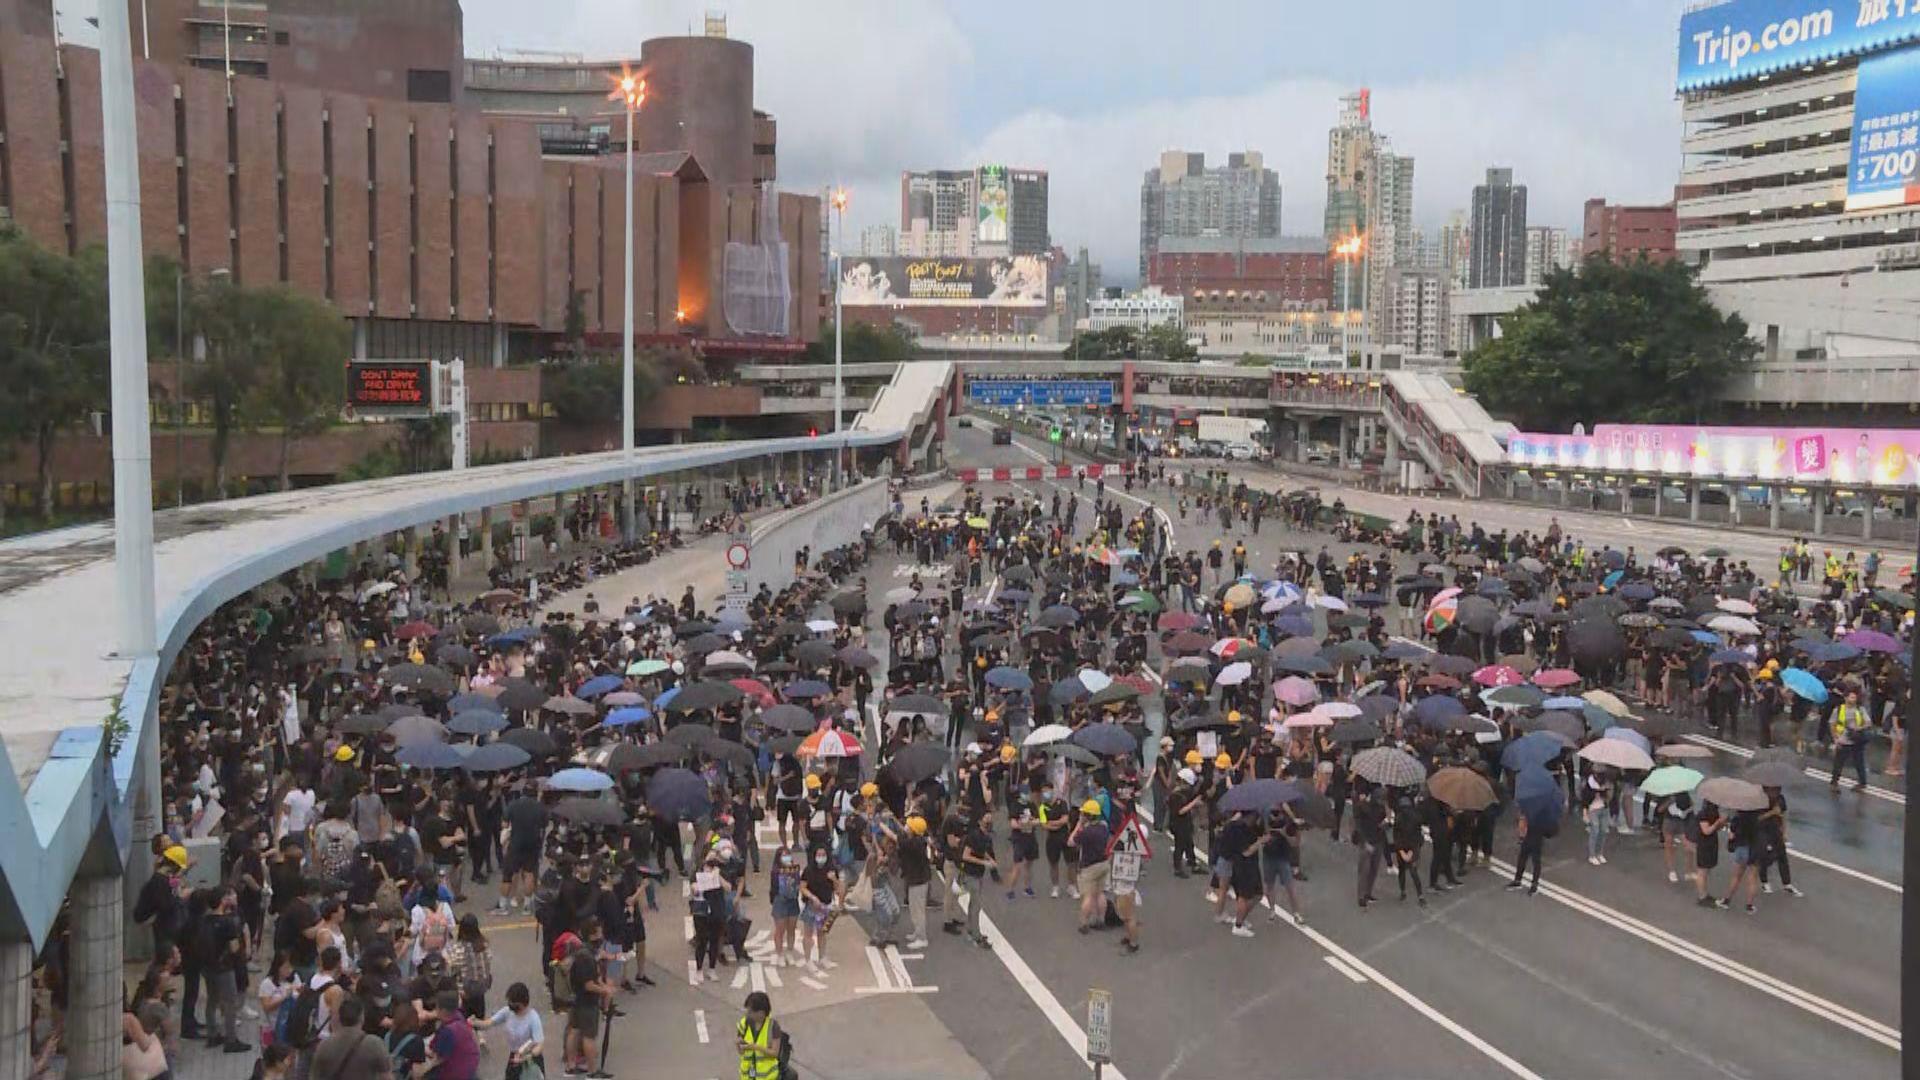 政府:示威變本加厲 籲巿民勿干擾公共交通